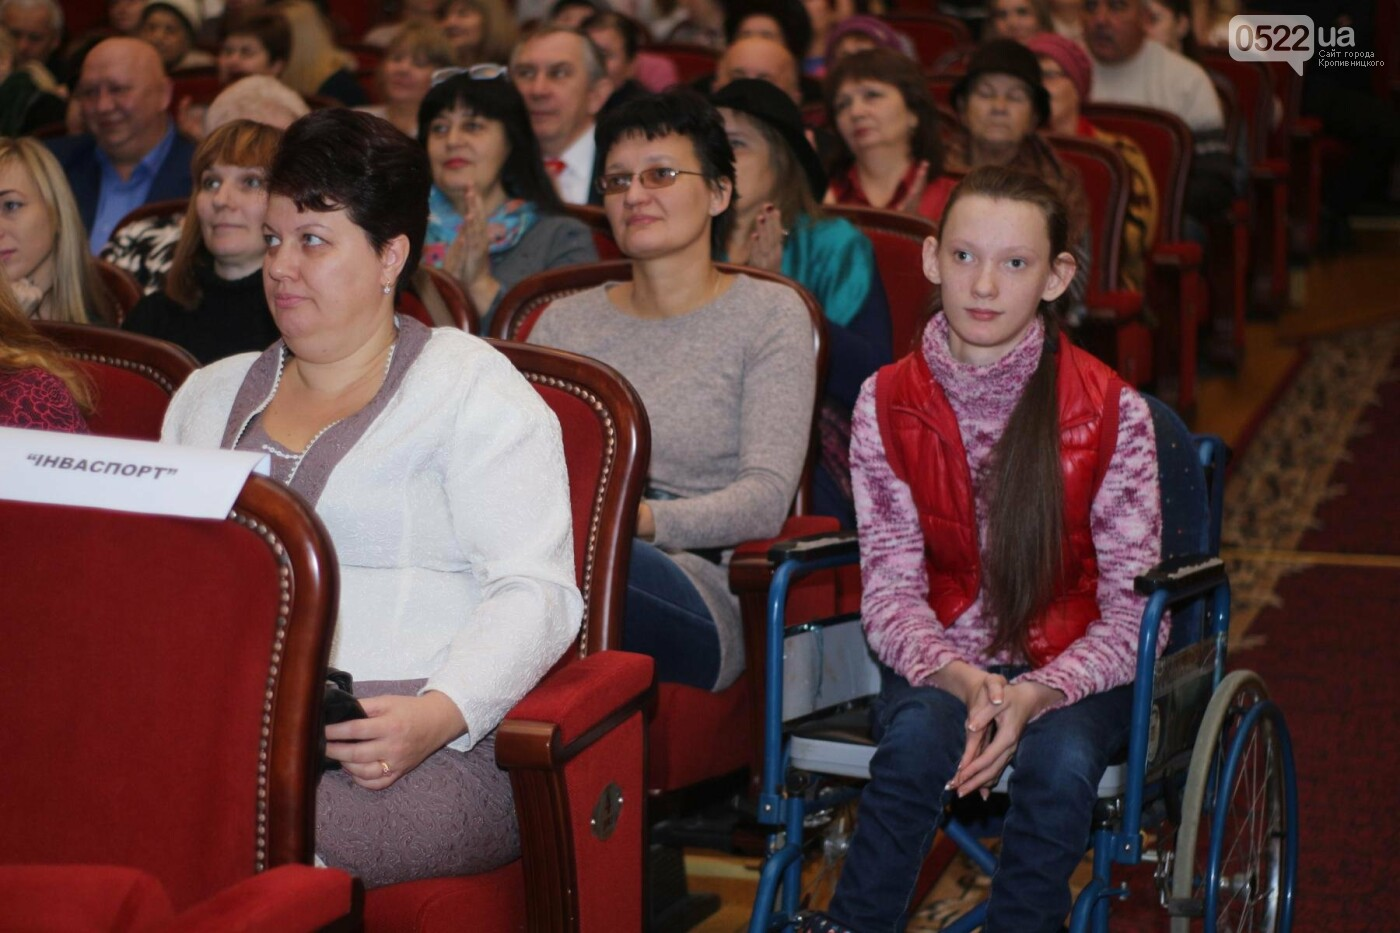 Урочистості до Міжнародного дня людей з інвалідністю відбулися у Кропивницькому, фото-35